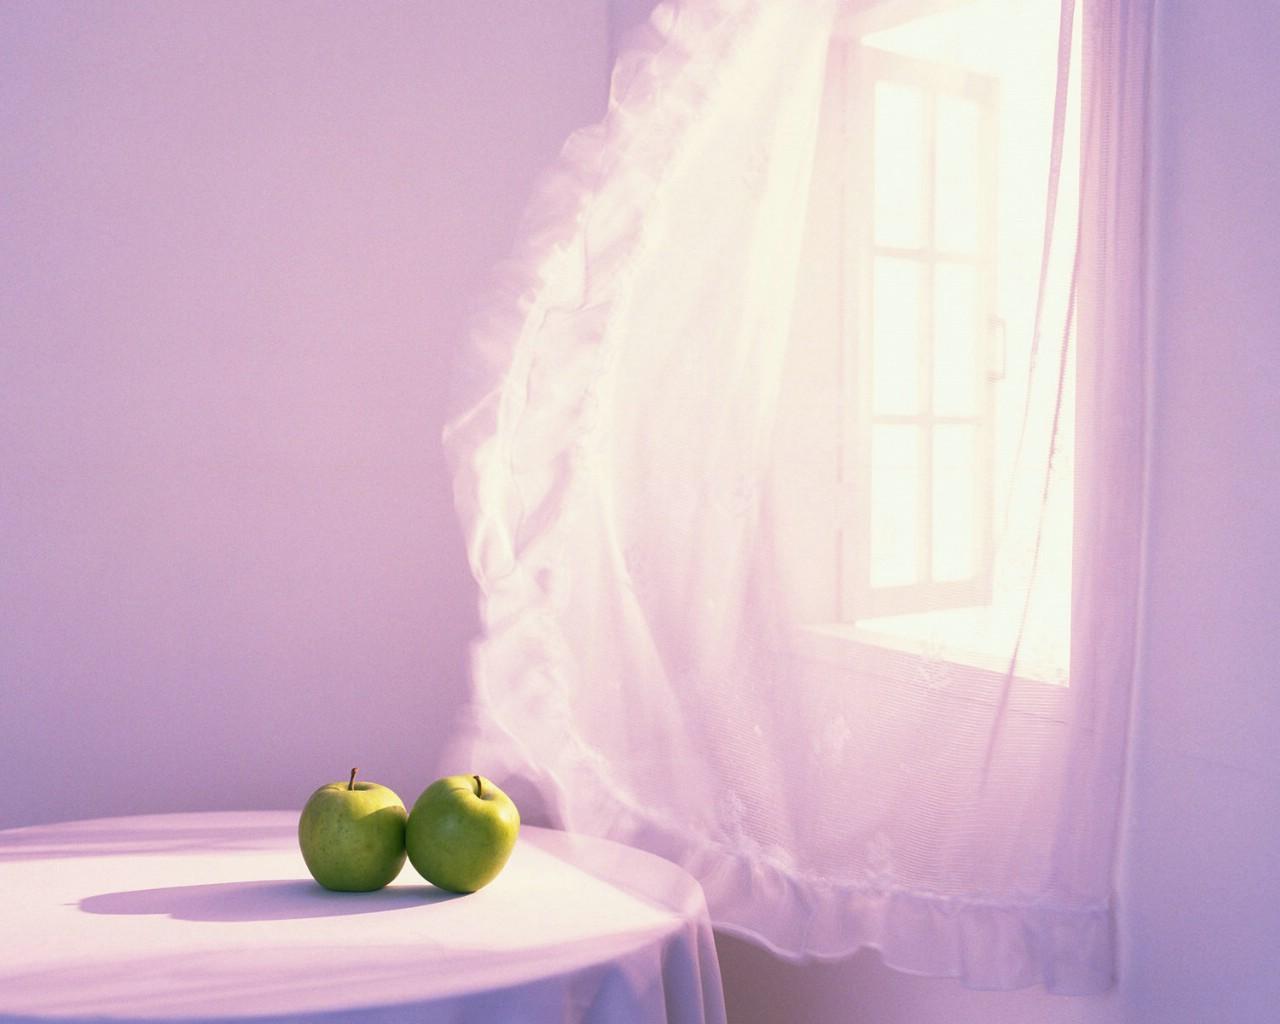 饰图片与家居小摆设图片壁纸,室内摆设与生活情调 摄影壁纸 摄影图